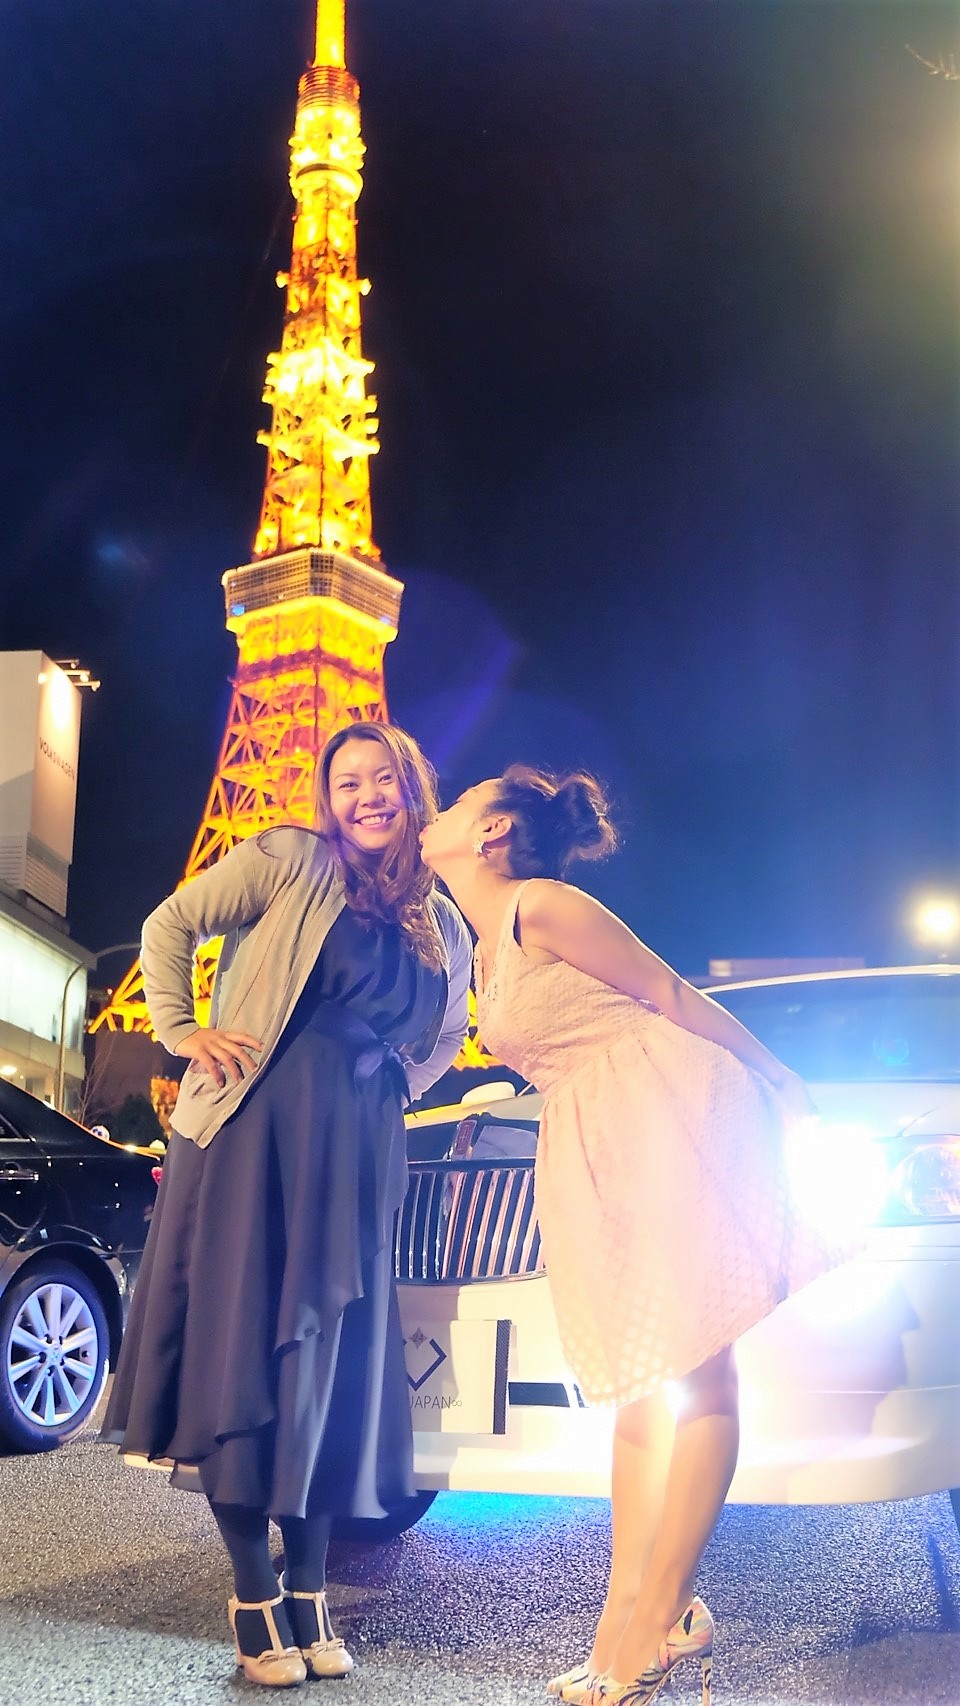 東京タワーでラブラブ写真